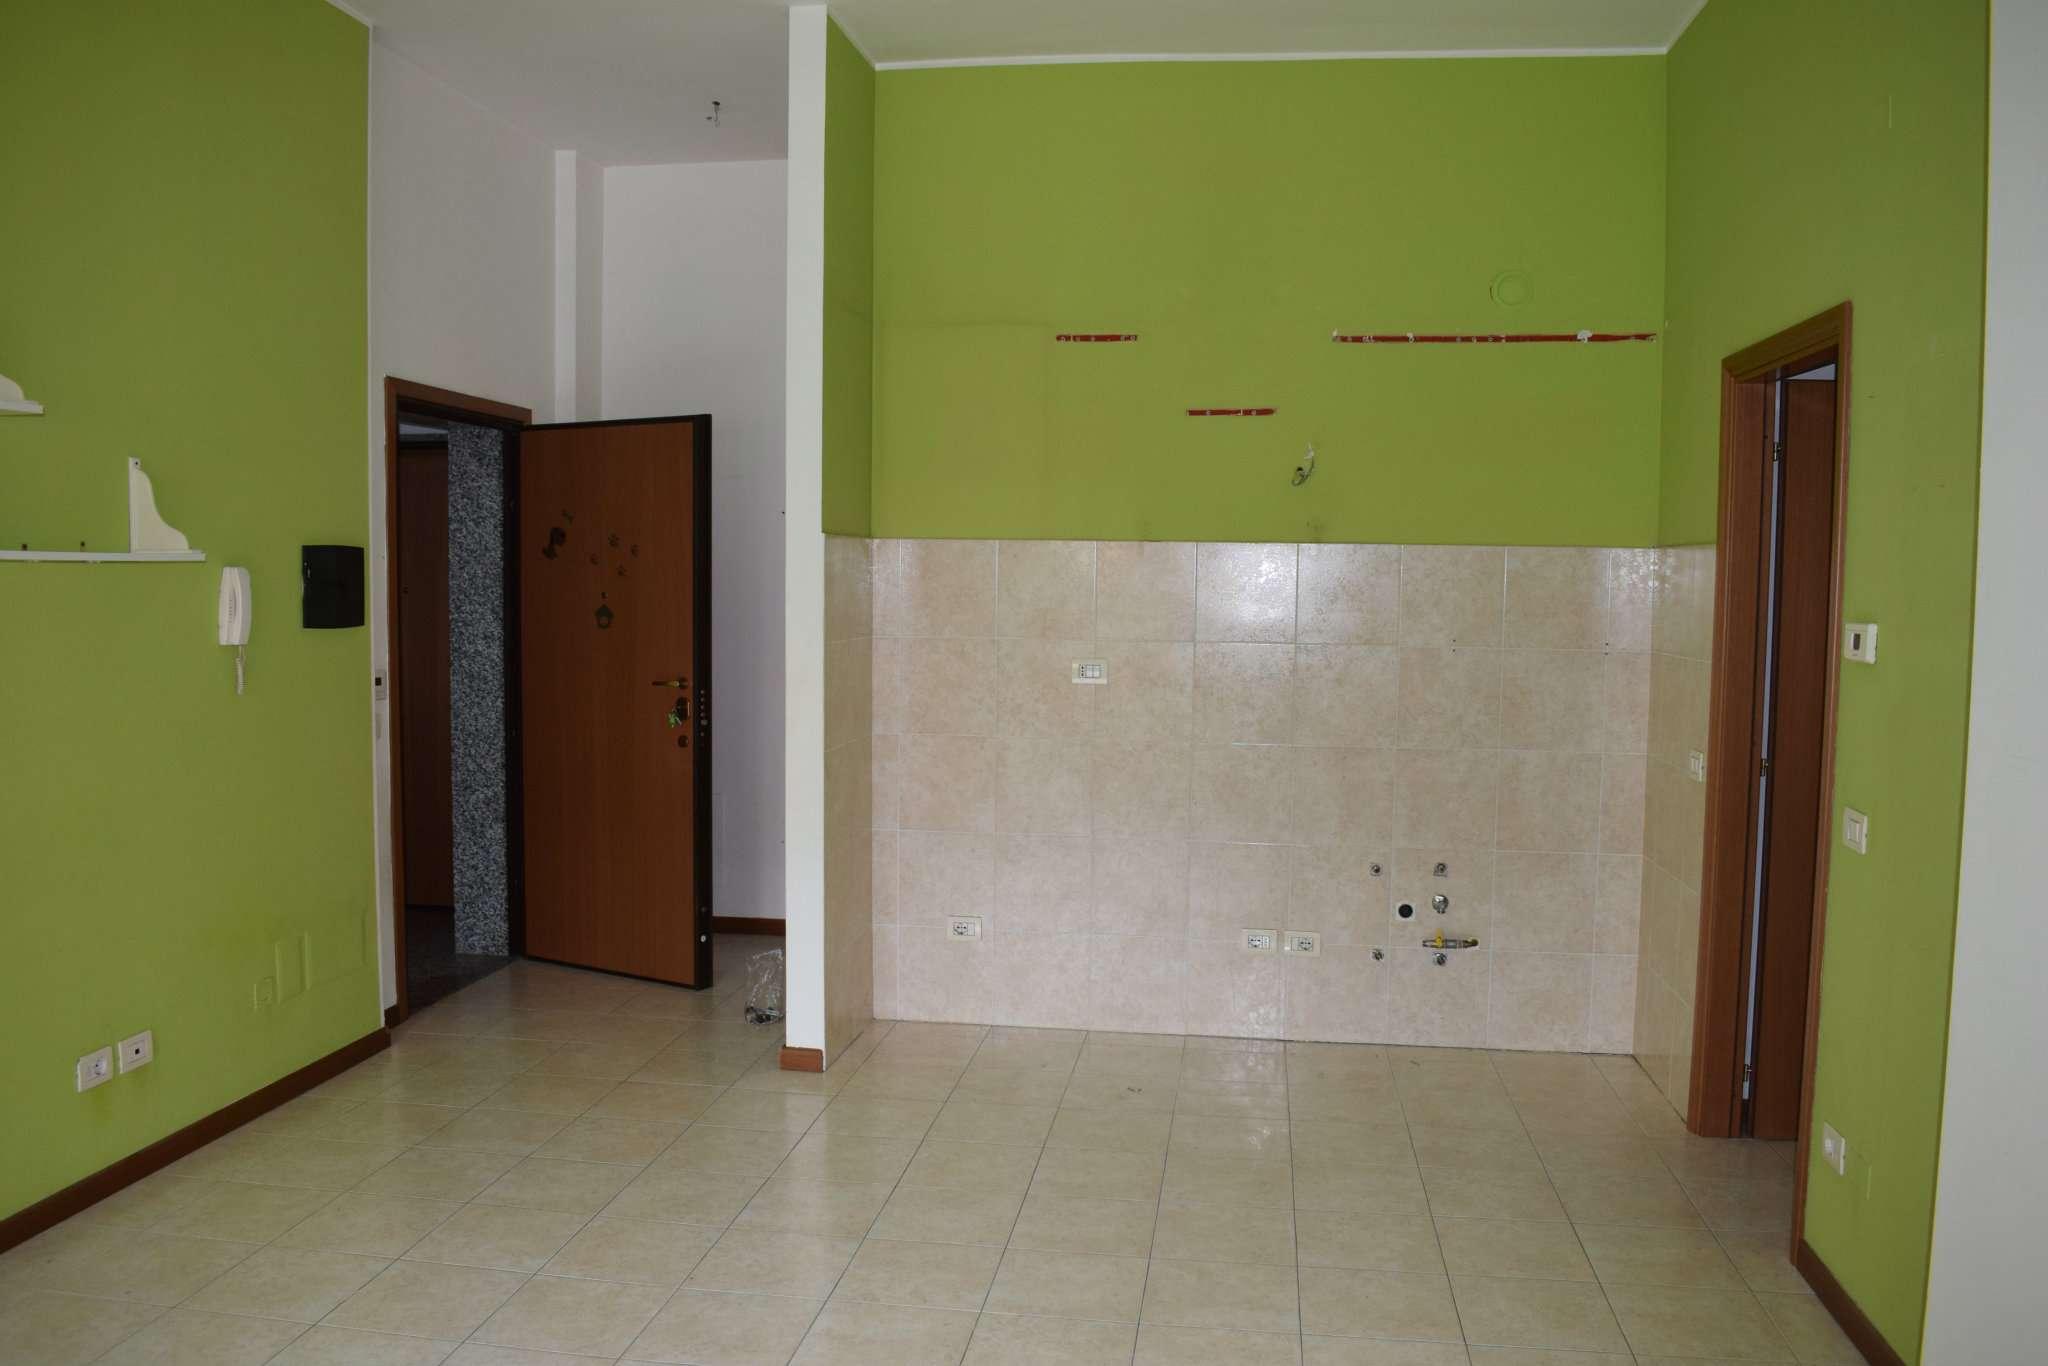 Appartamento in affitto a Melegnano, 2 locali, prezzo € 600 | CambioCasa.it